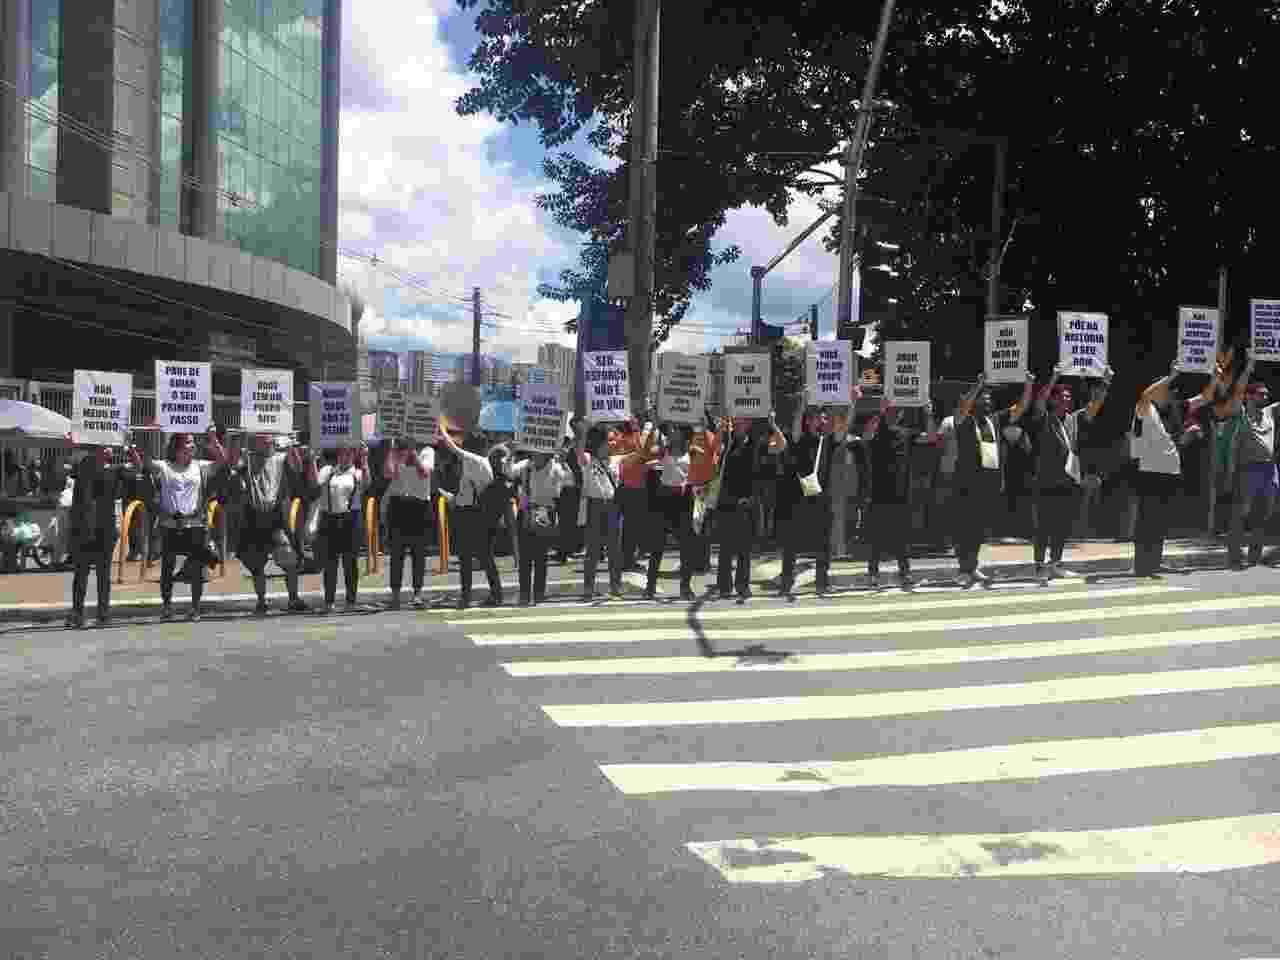 Grupo levou cartazes de apoio aos candidatos do Enem 2018 no campus da Uninove na Barra Funda, zona oeste de São Paulo, neste domingo (11) - Guilherme Mazieiro/UOL